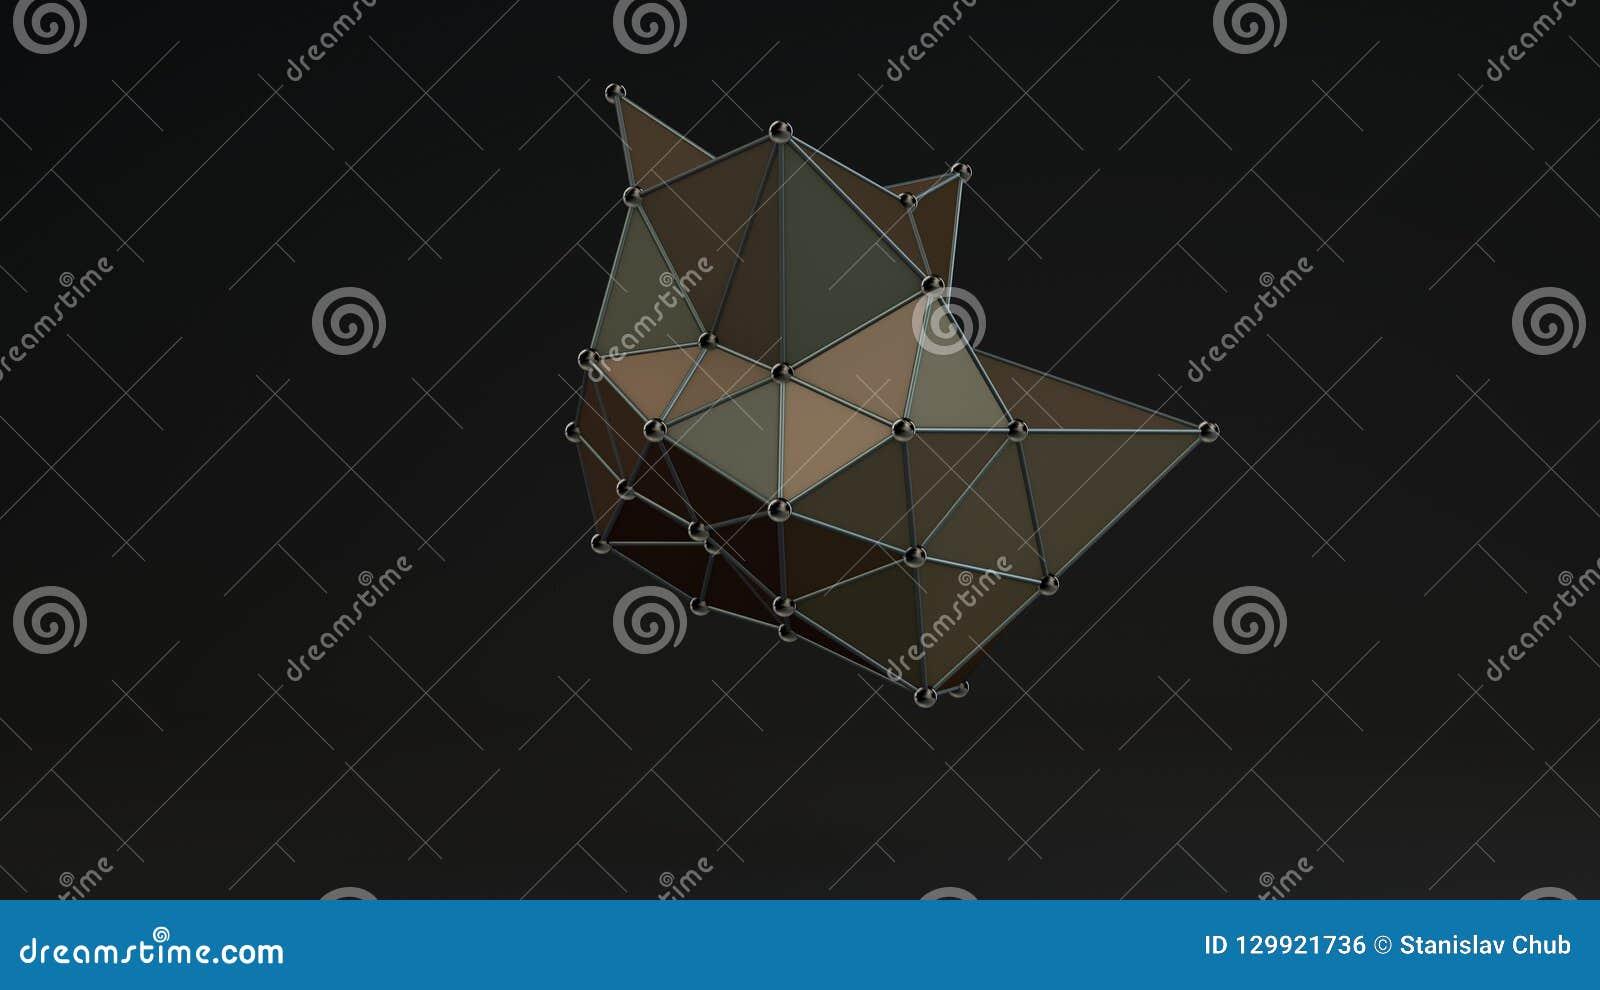 Illustration 3D av en kristall av ojämn form, med skarpa hörn och bollar på hörnen, med ett kristallgaller av atomer 3d